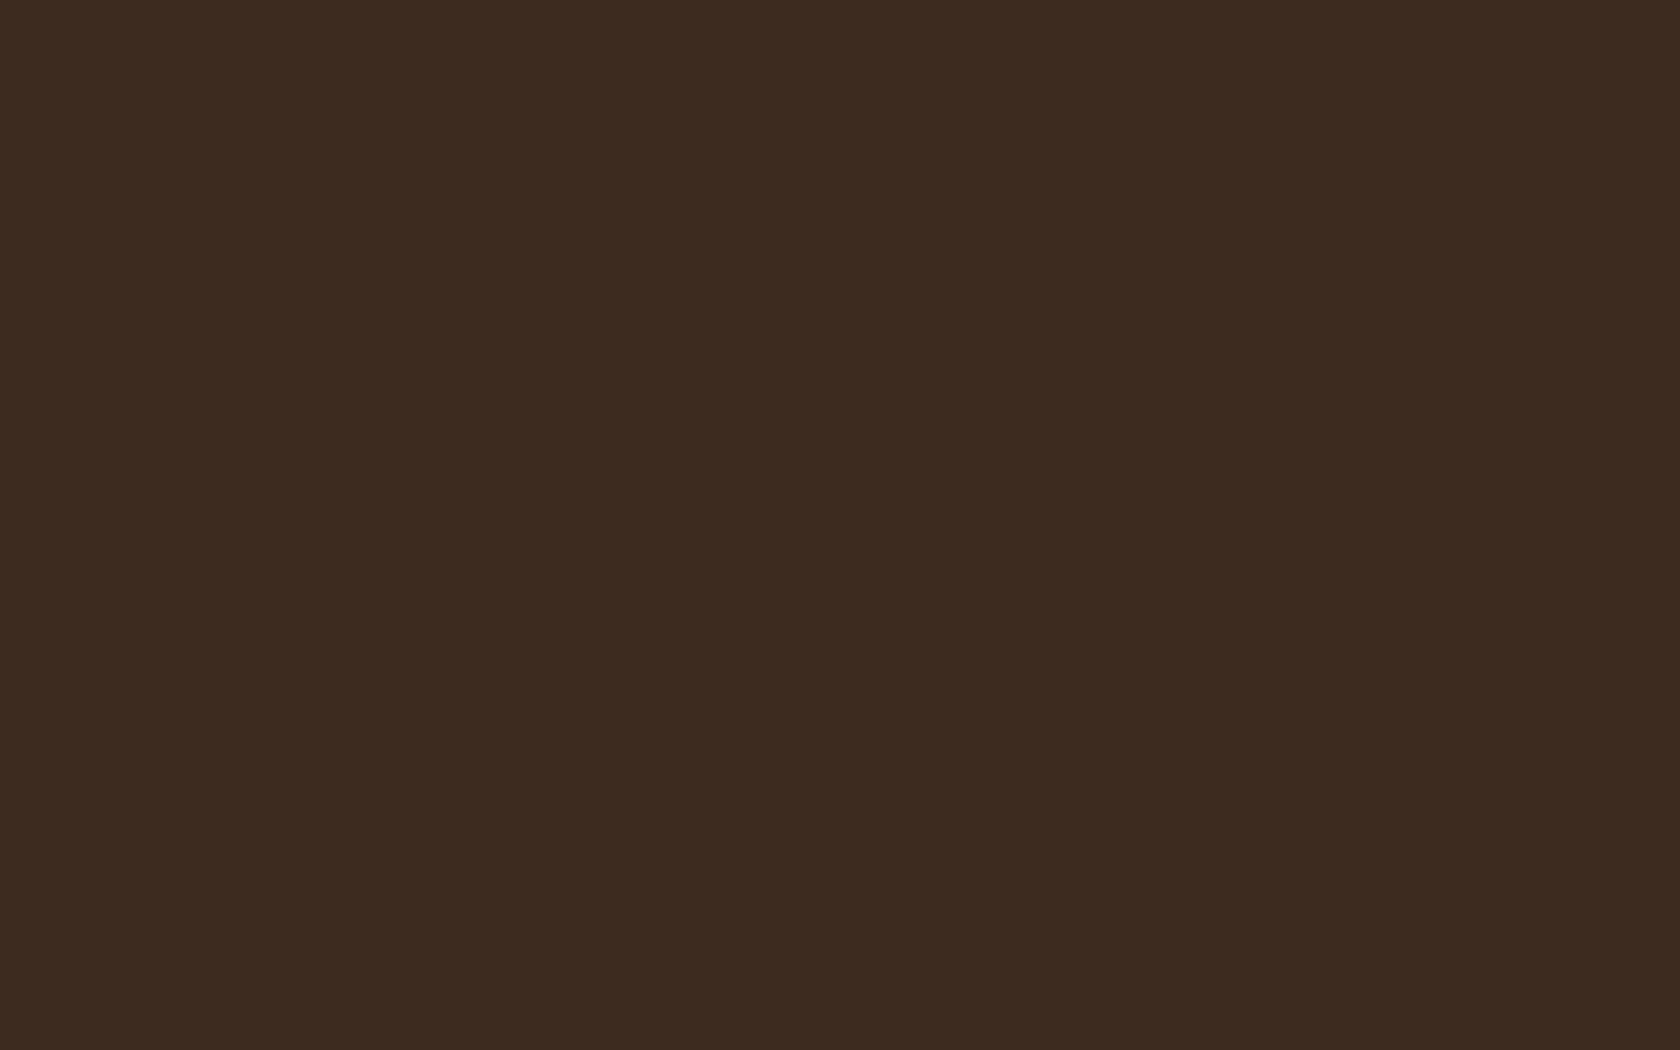 1680x1050 Bistre Solid Color Background